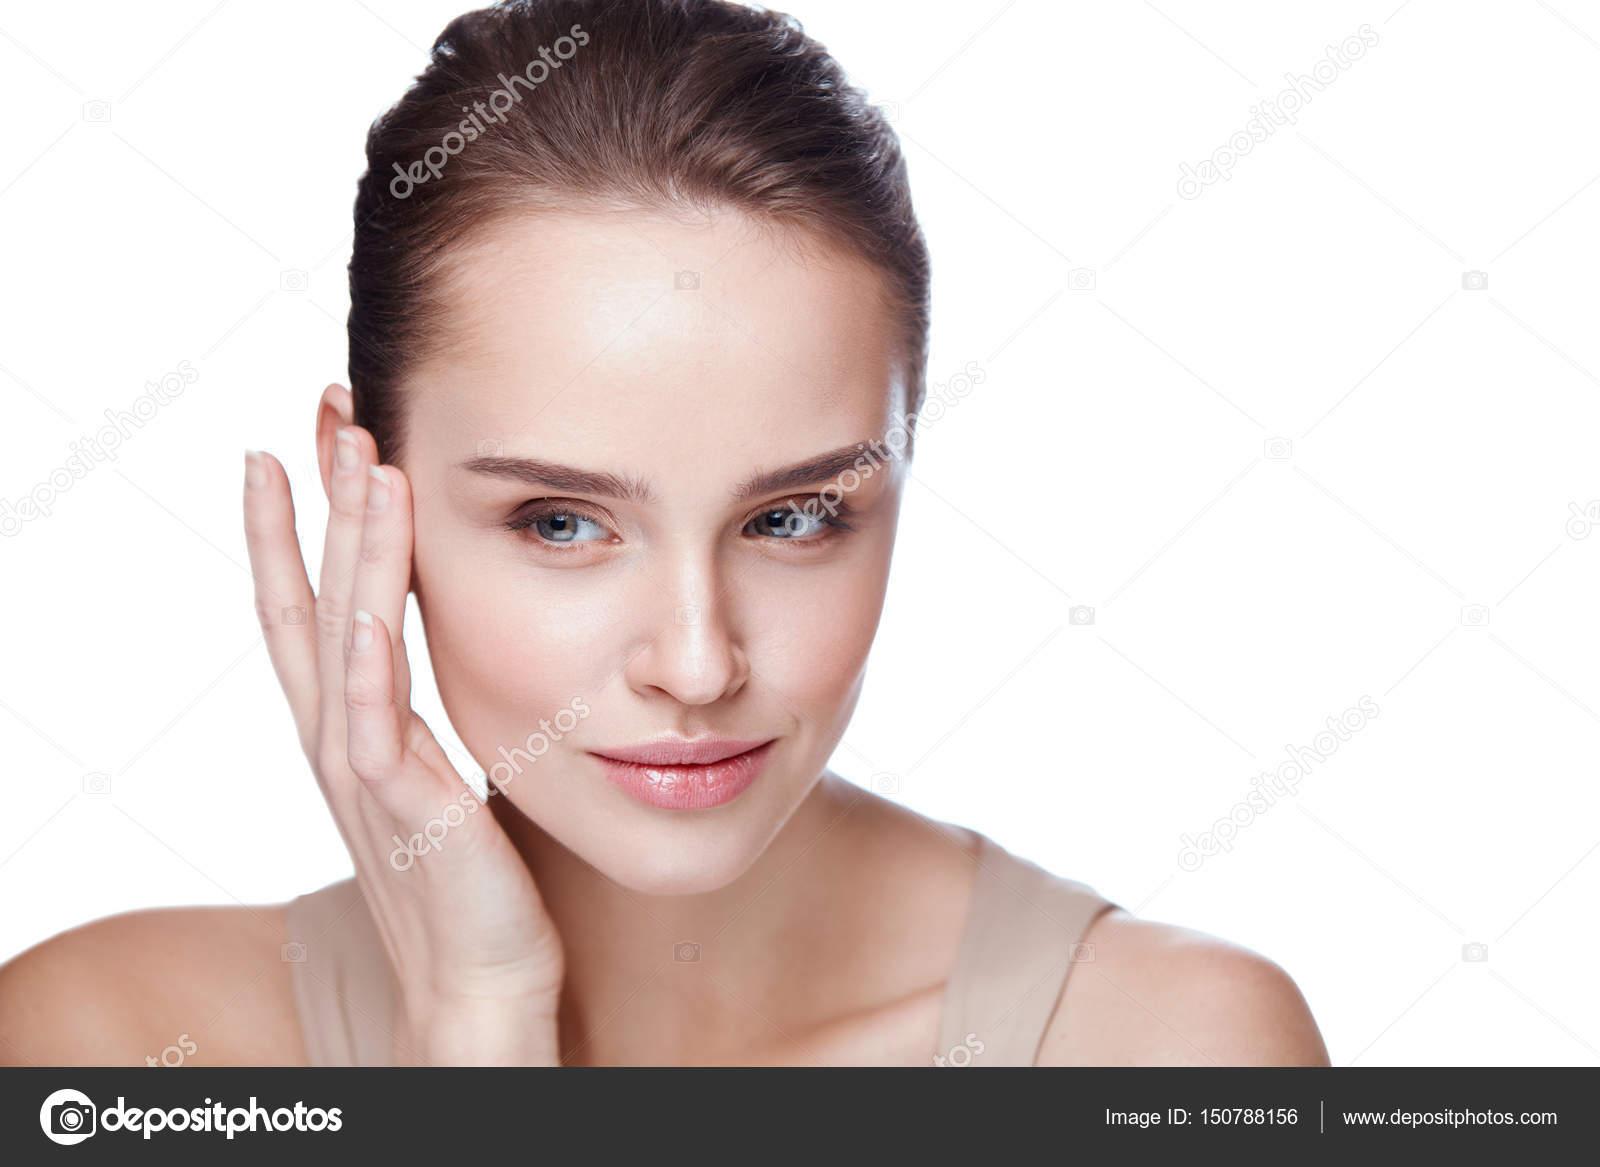 Perfect Frau Gesicht Hautpflege. Closeup Schöne Sexy Frau Mit Perfekten  Professionellen Make Up Ihre Glatte Weiche Reine Saubere Haut Zu Berühren.